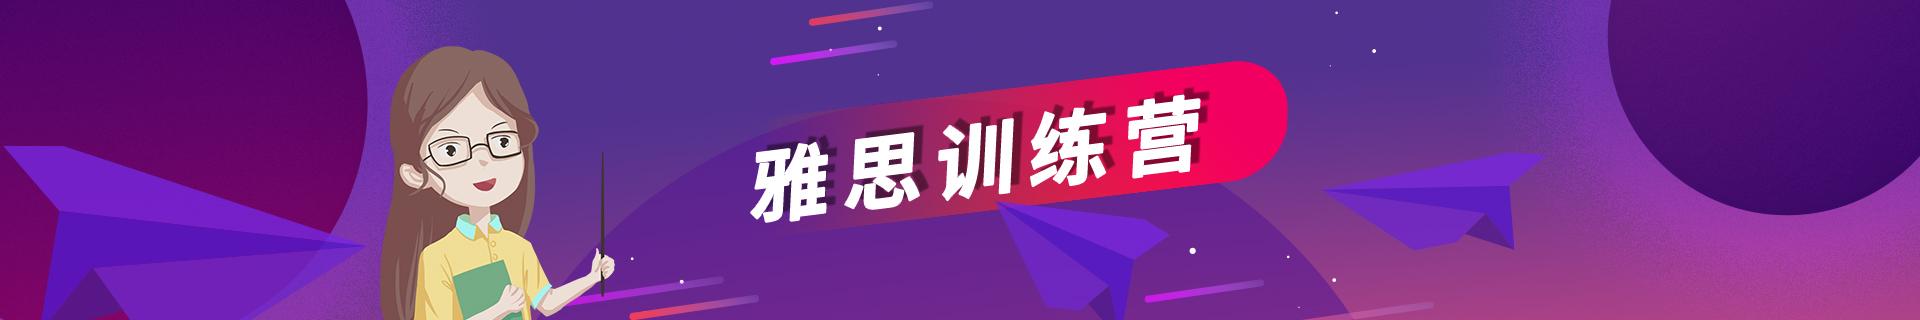 北京国贸朗阁教育英语培训